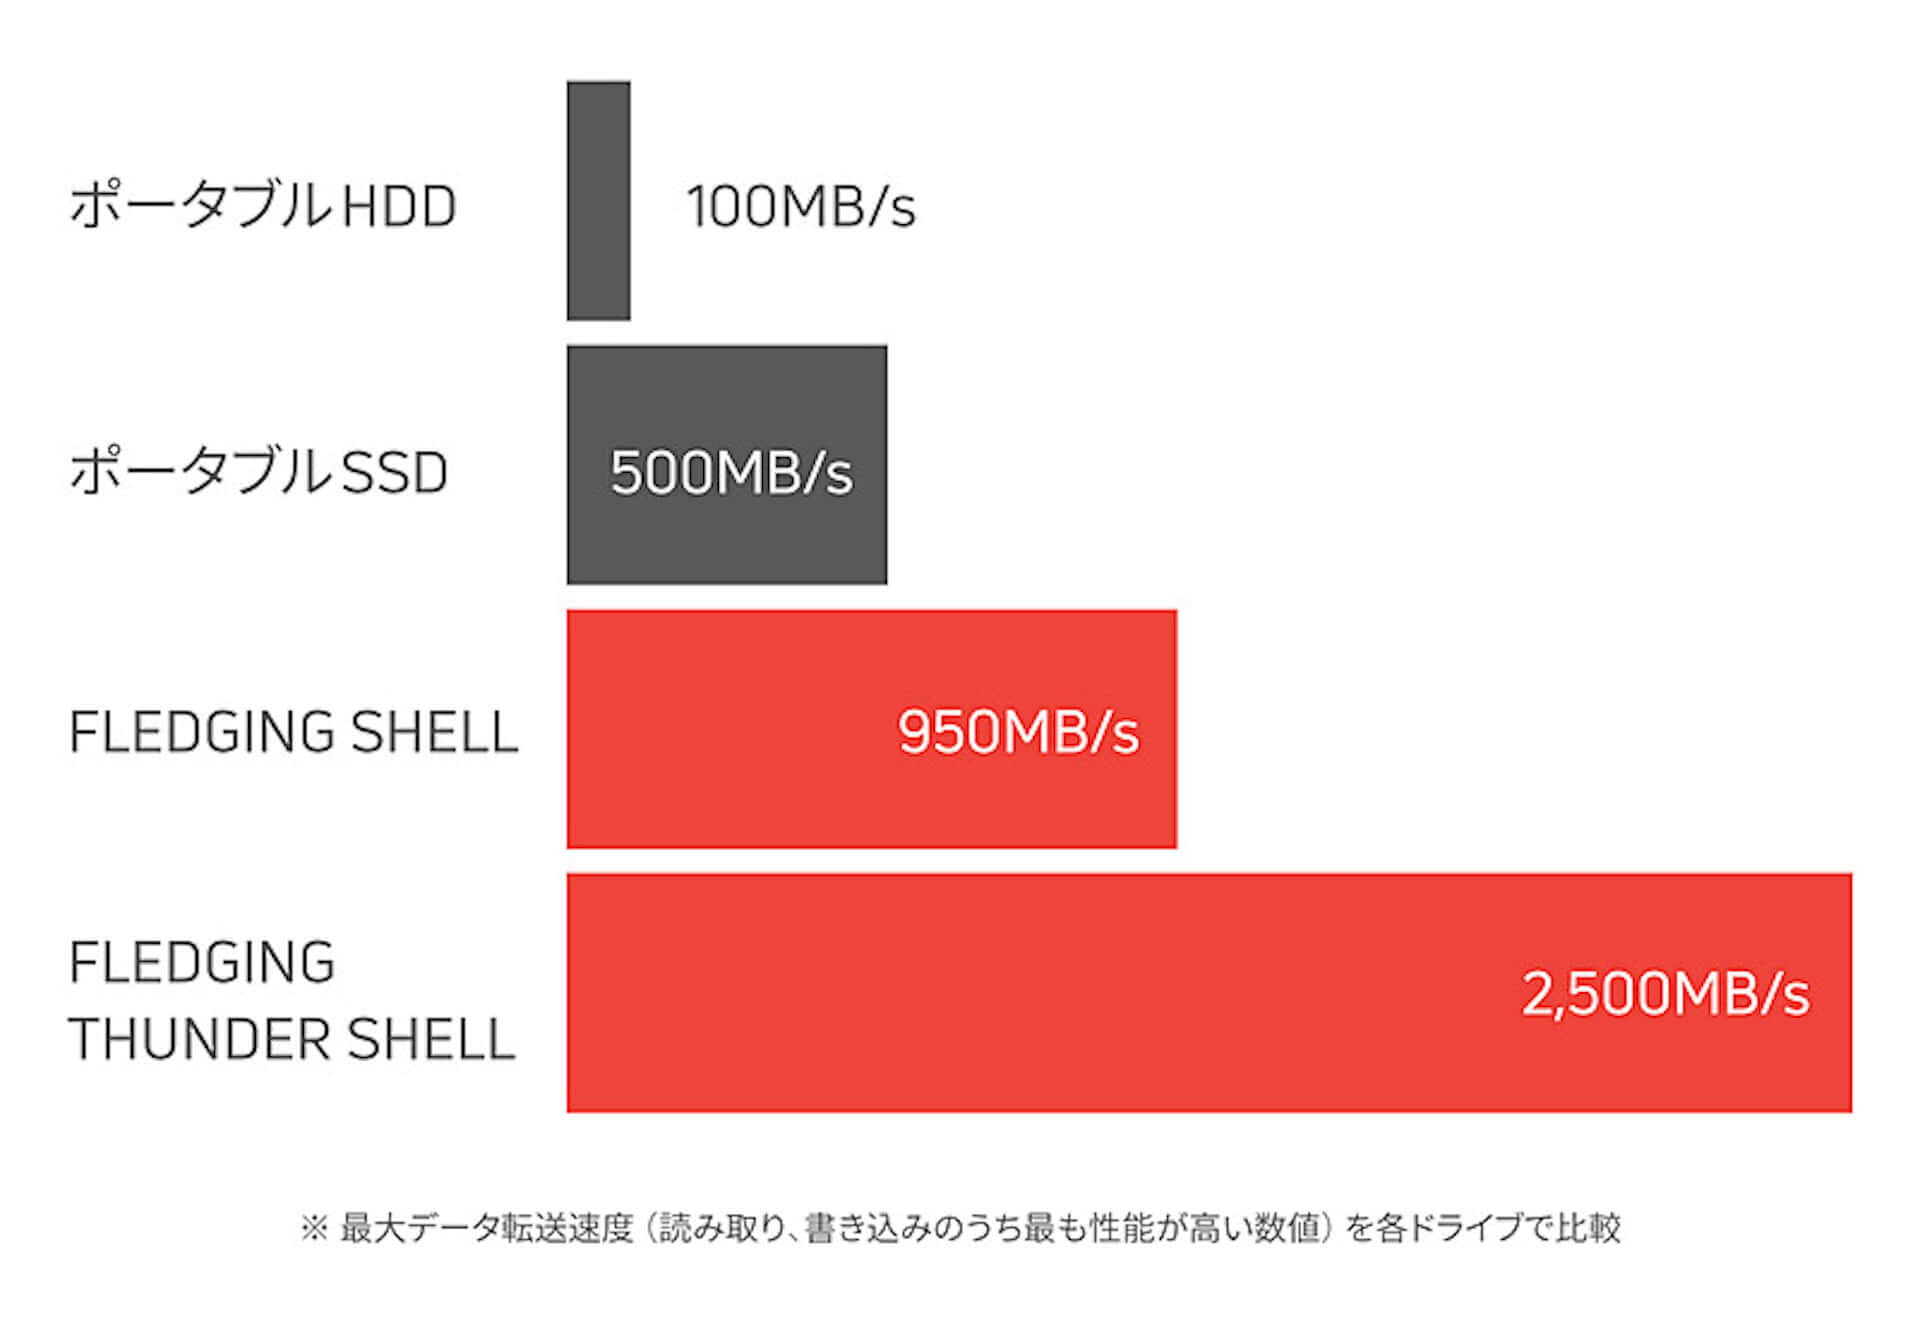 USBポートのあるすべての端末と接続可能!世界最速の外部ストレージデバイス「FLEDGING SHELL」がGLOTUREに登場 tech190910_fledgingshell_7-1920x1320